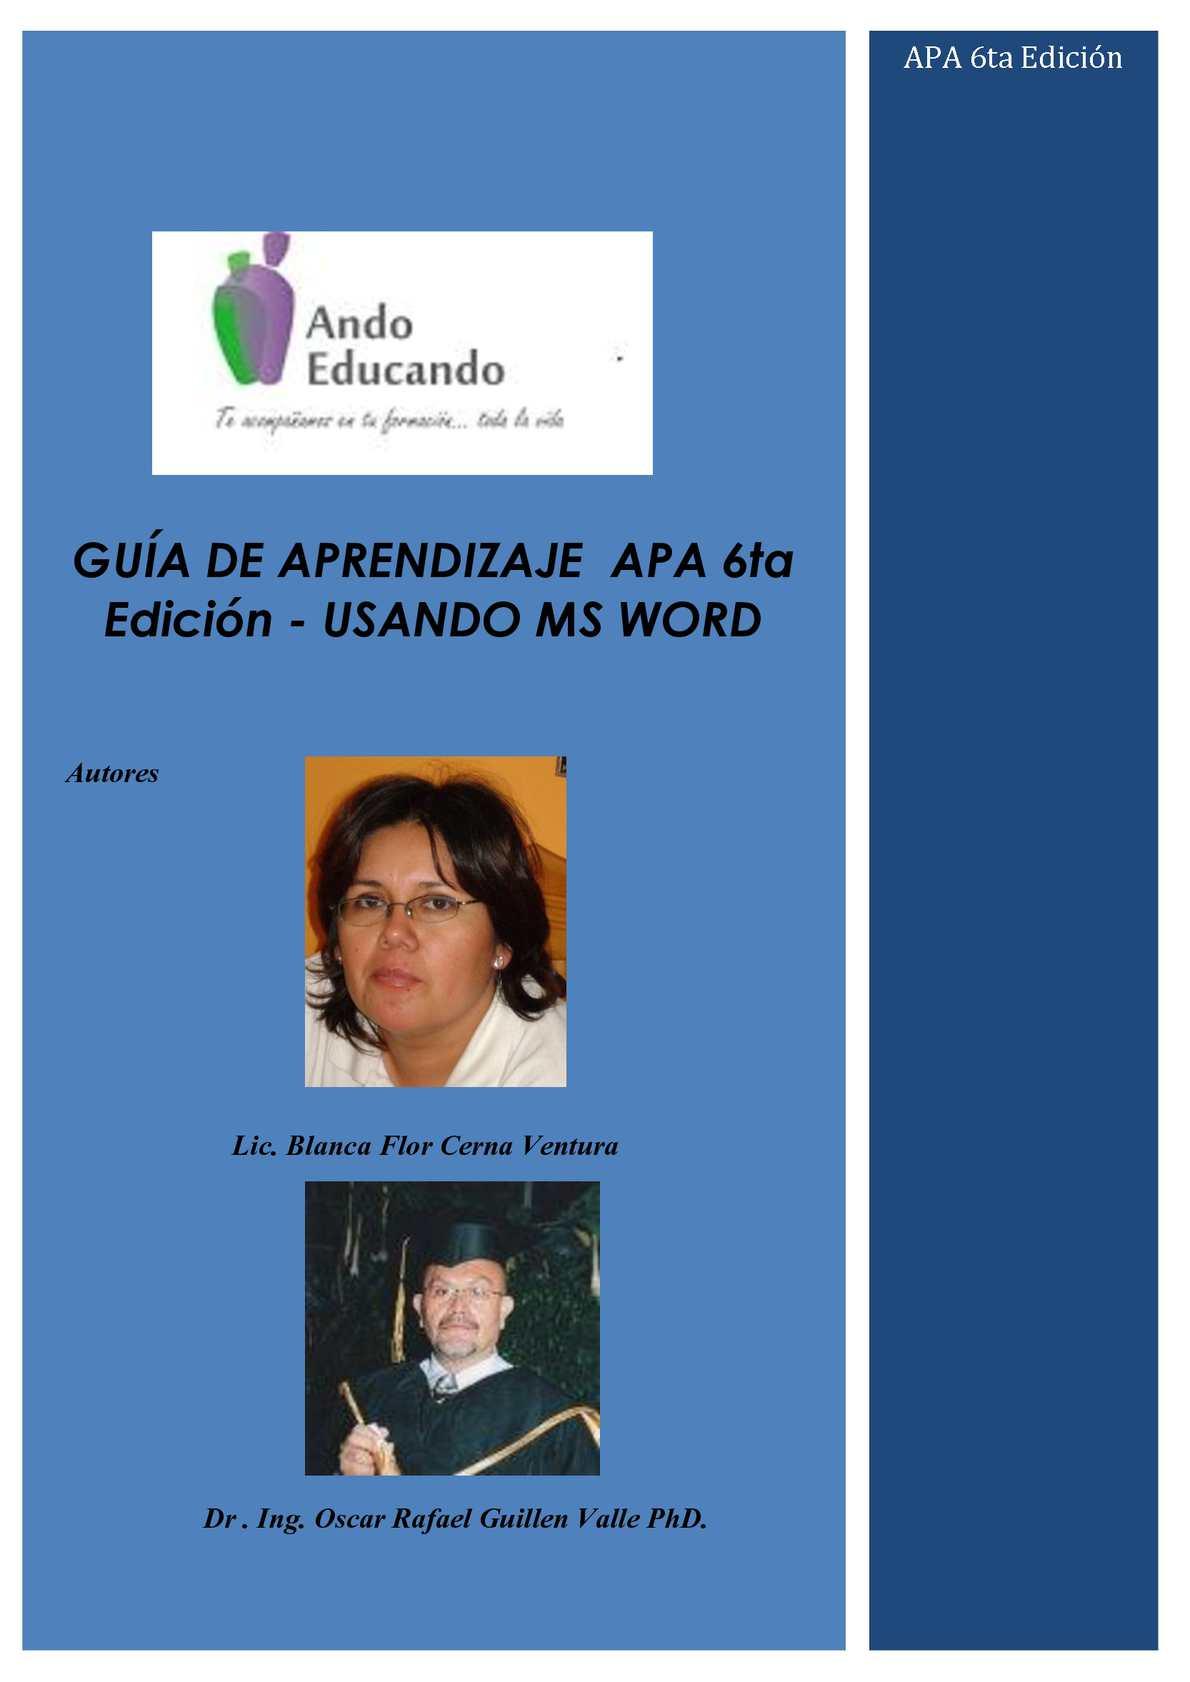 Guía APA 6ta edición para la elaboración de tesis de pre grado y postgrado